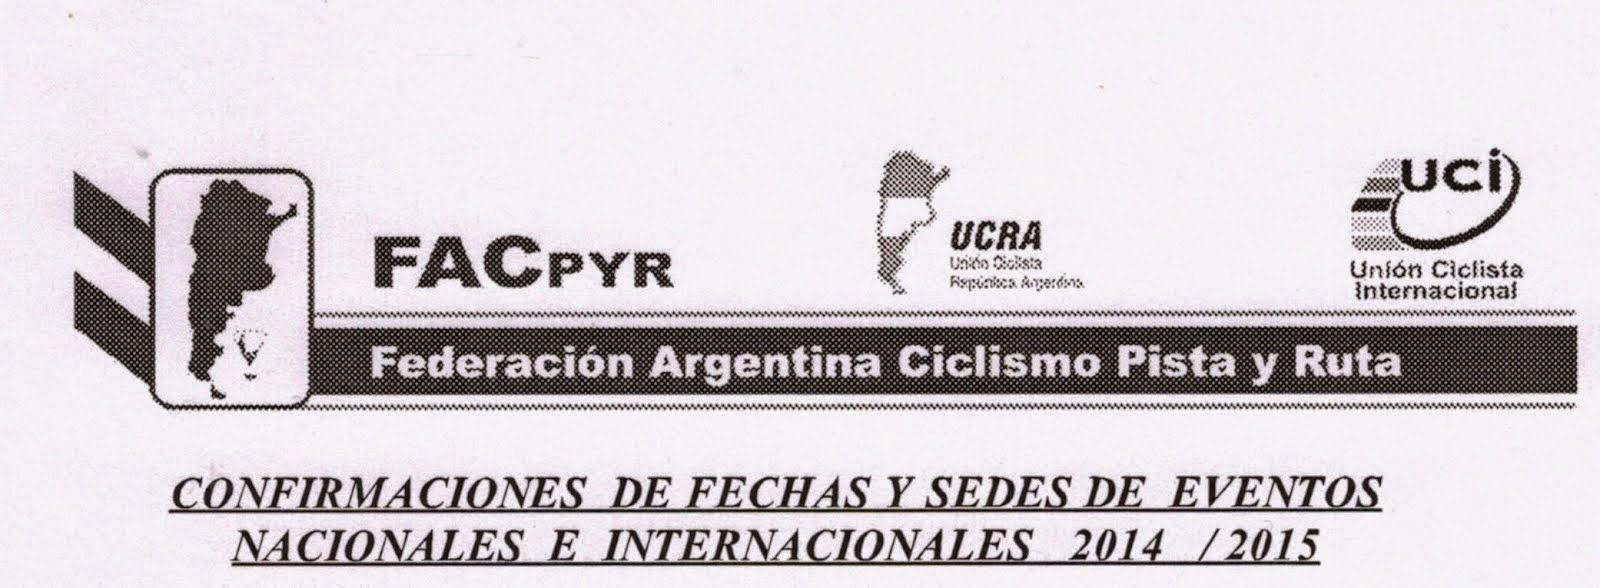 Calendario Nacional - Internacional